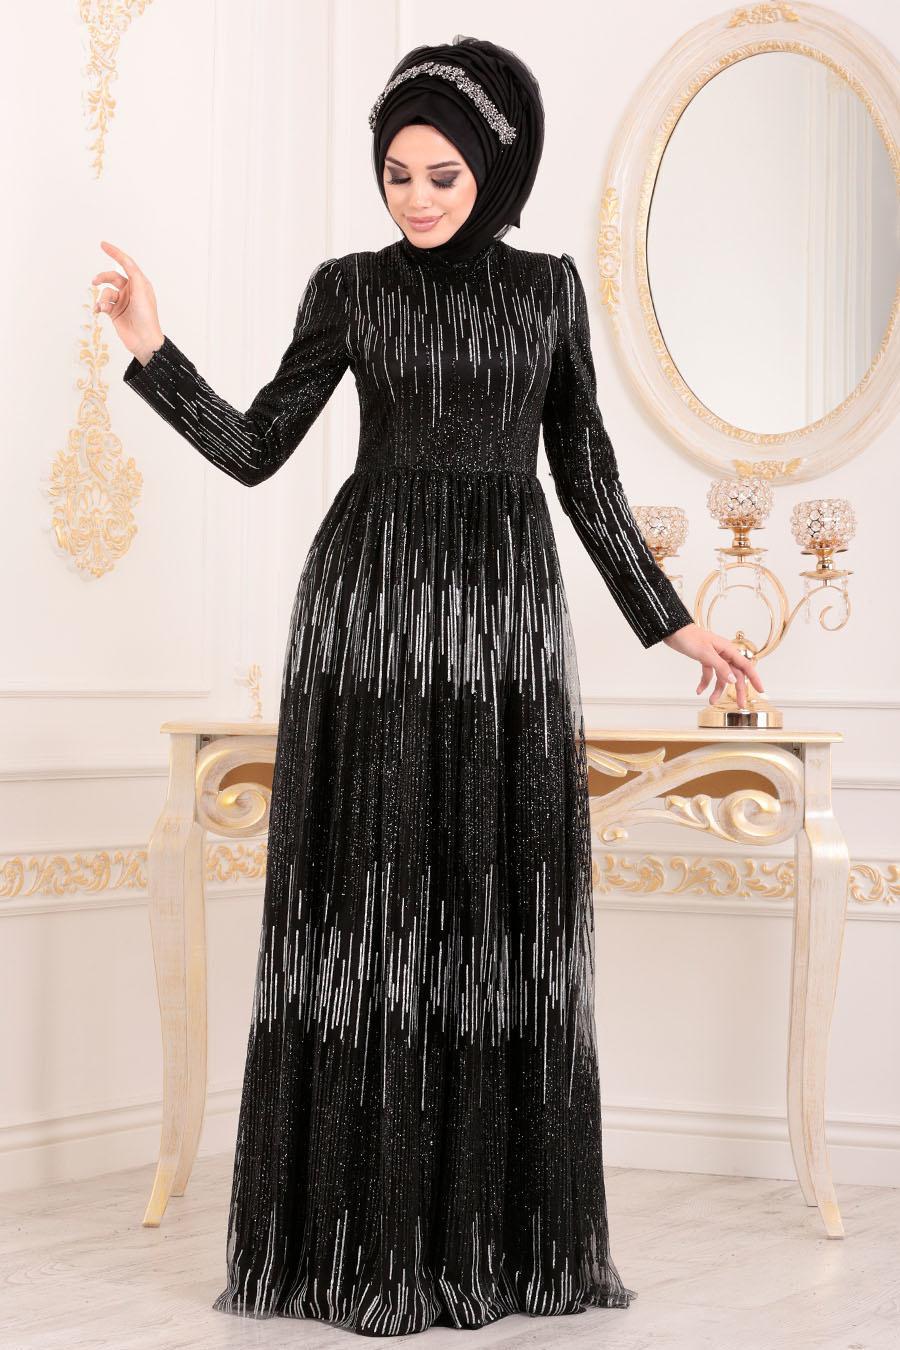 Tesettürlü Abiye Elbise - Simli Payetli Siyah Tesettür Abiye Elbise 2083S